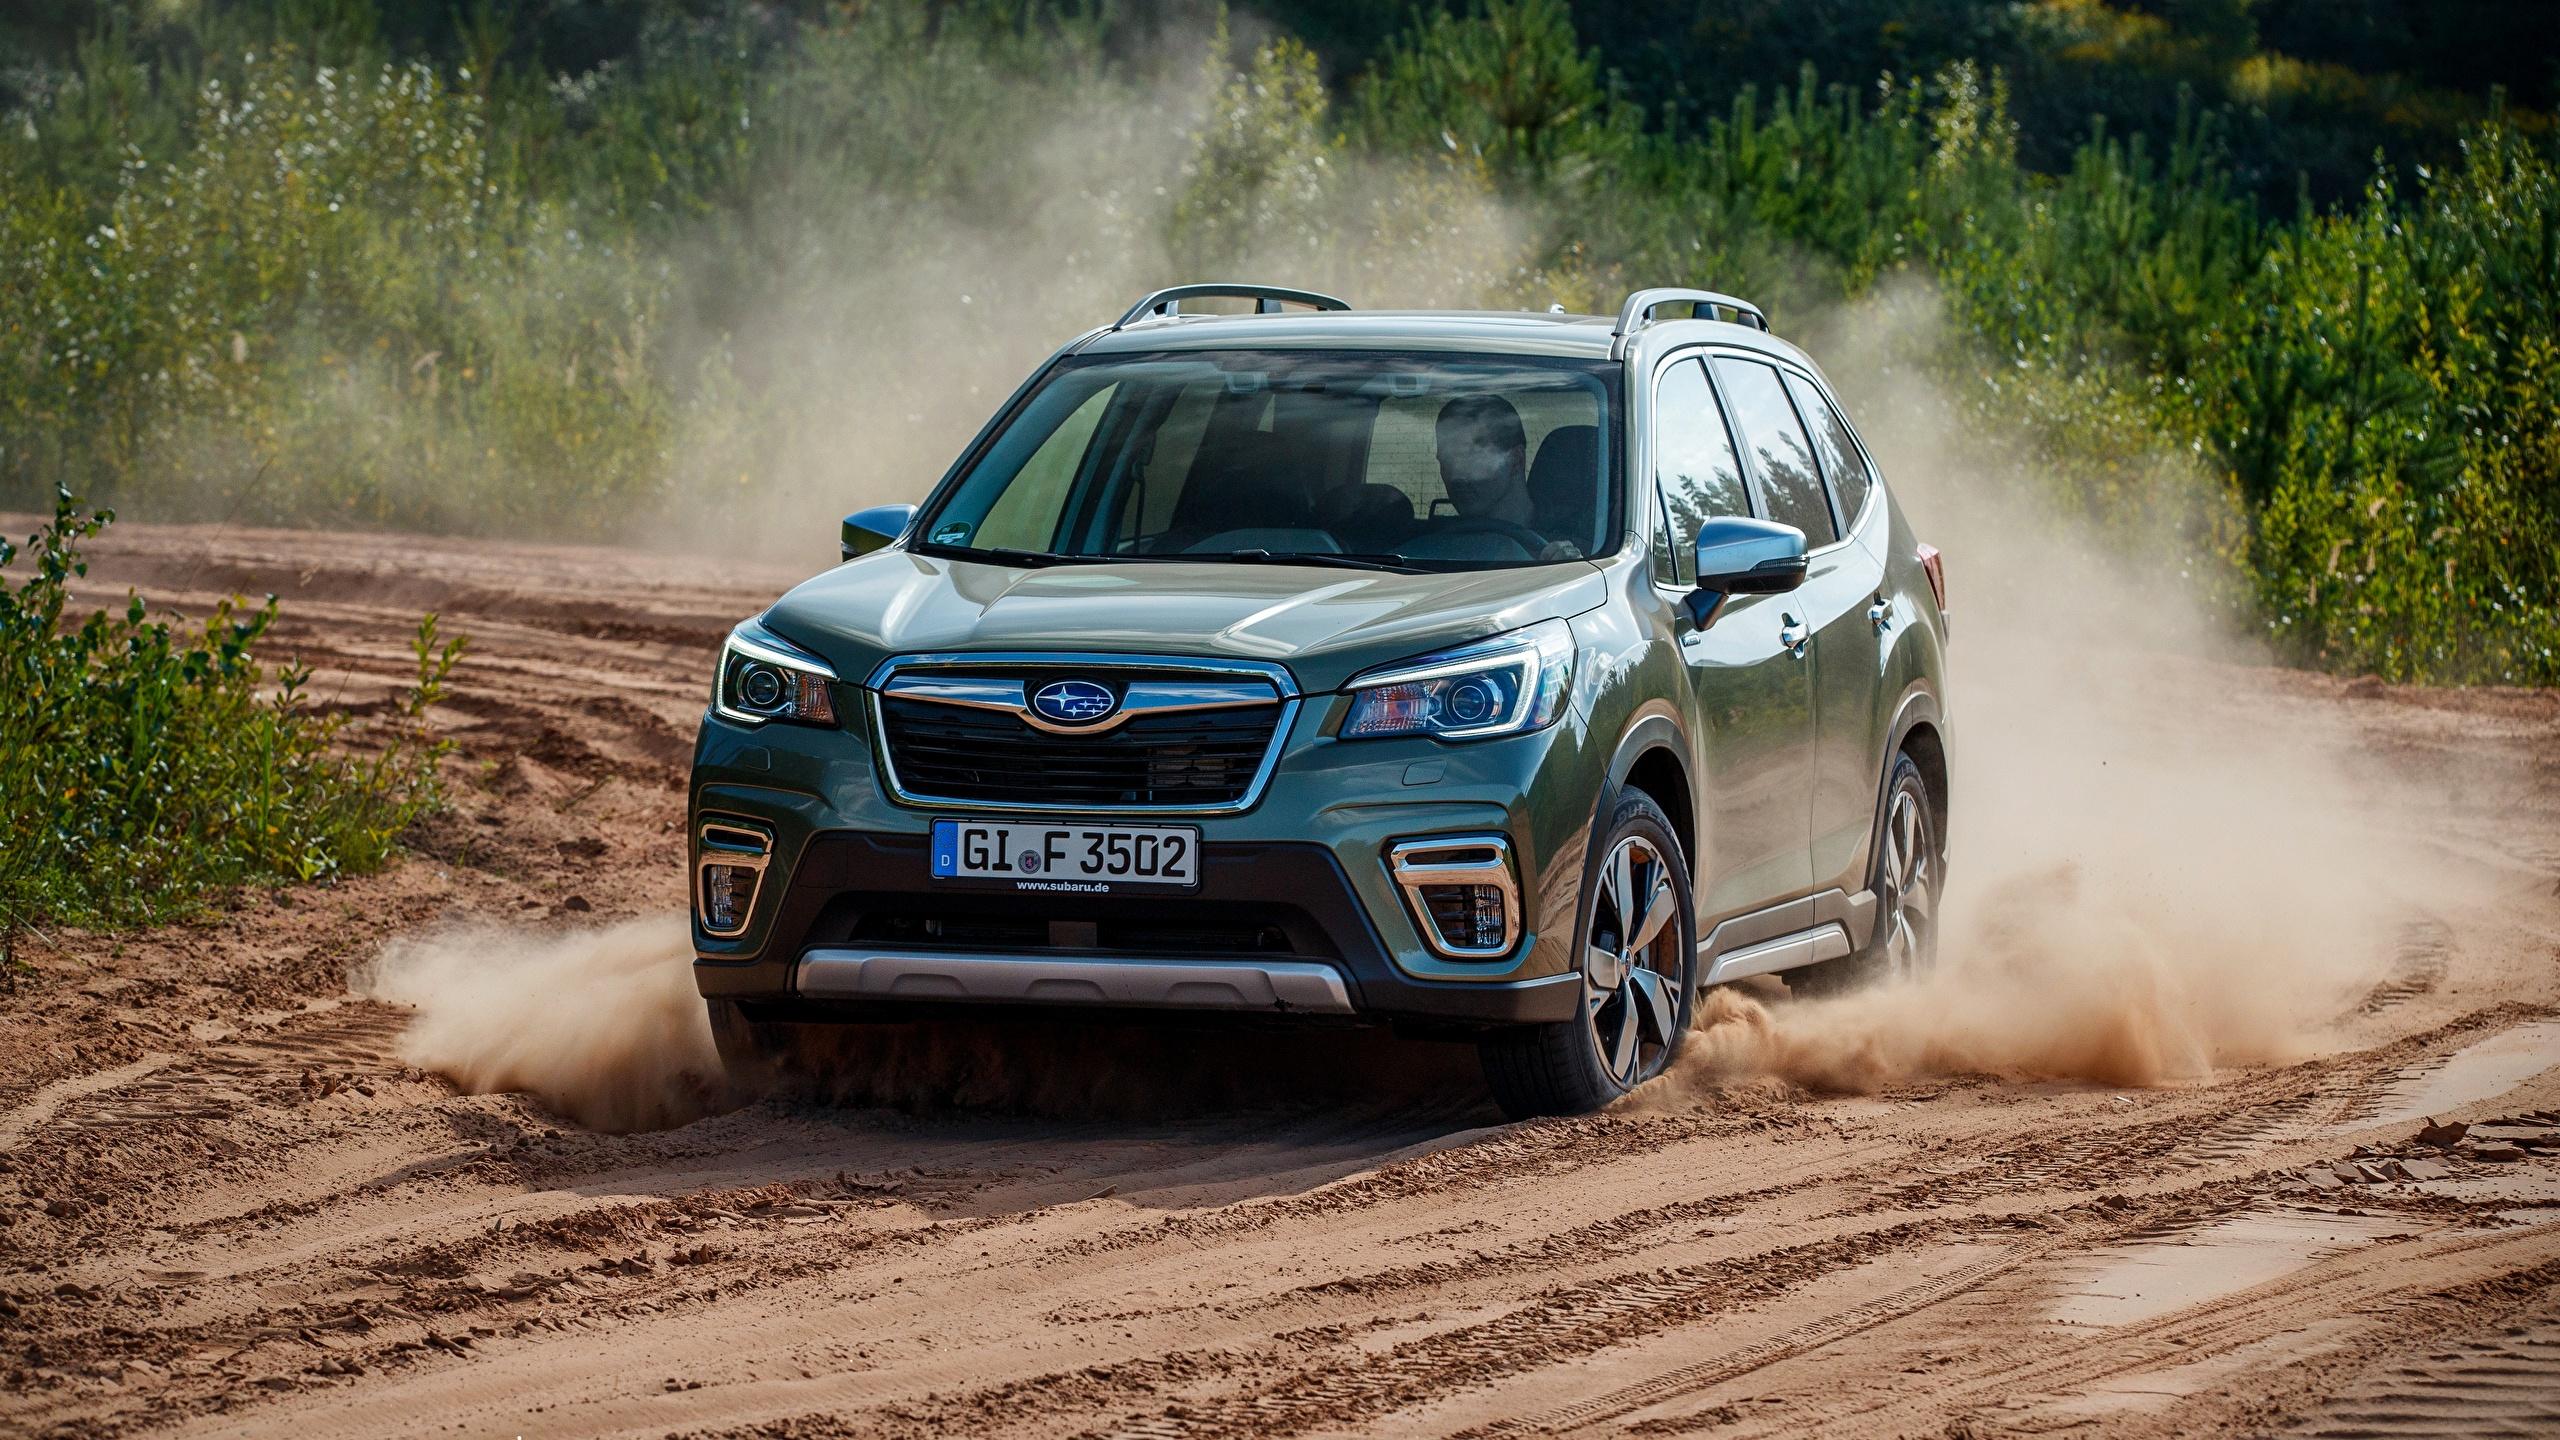 2560x1440 Subaru Forester, 2019 Movimento carro, automóvel, automóveis, velocidade Carros